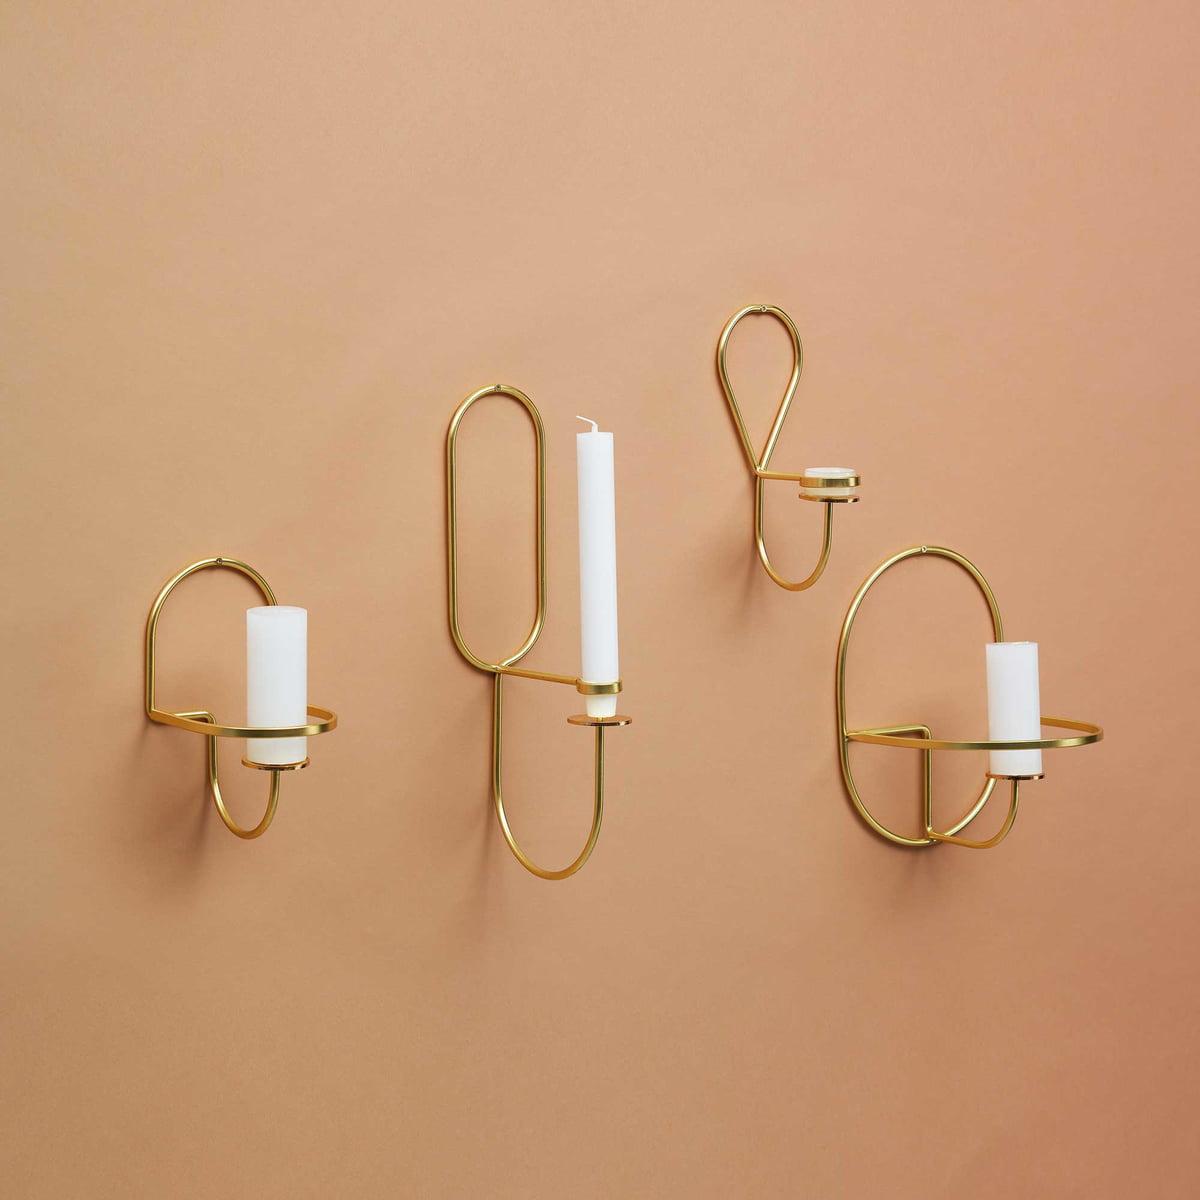 lup wand teelichthalter von hay im shop. Black Bedroom Furniture Sets. Home Design Ideas